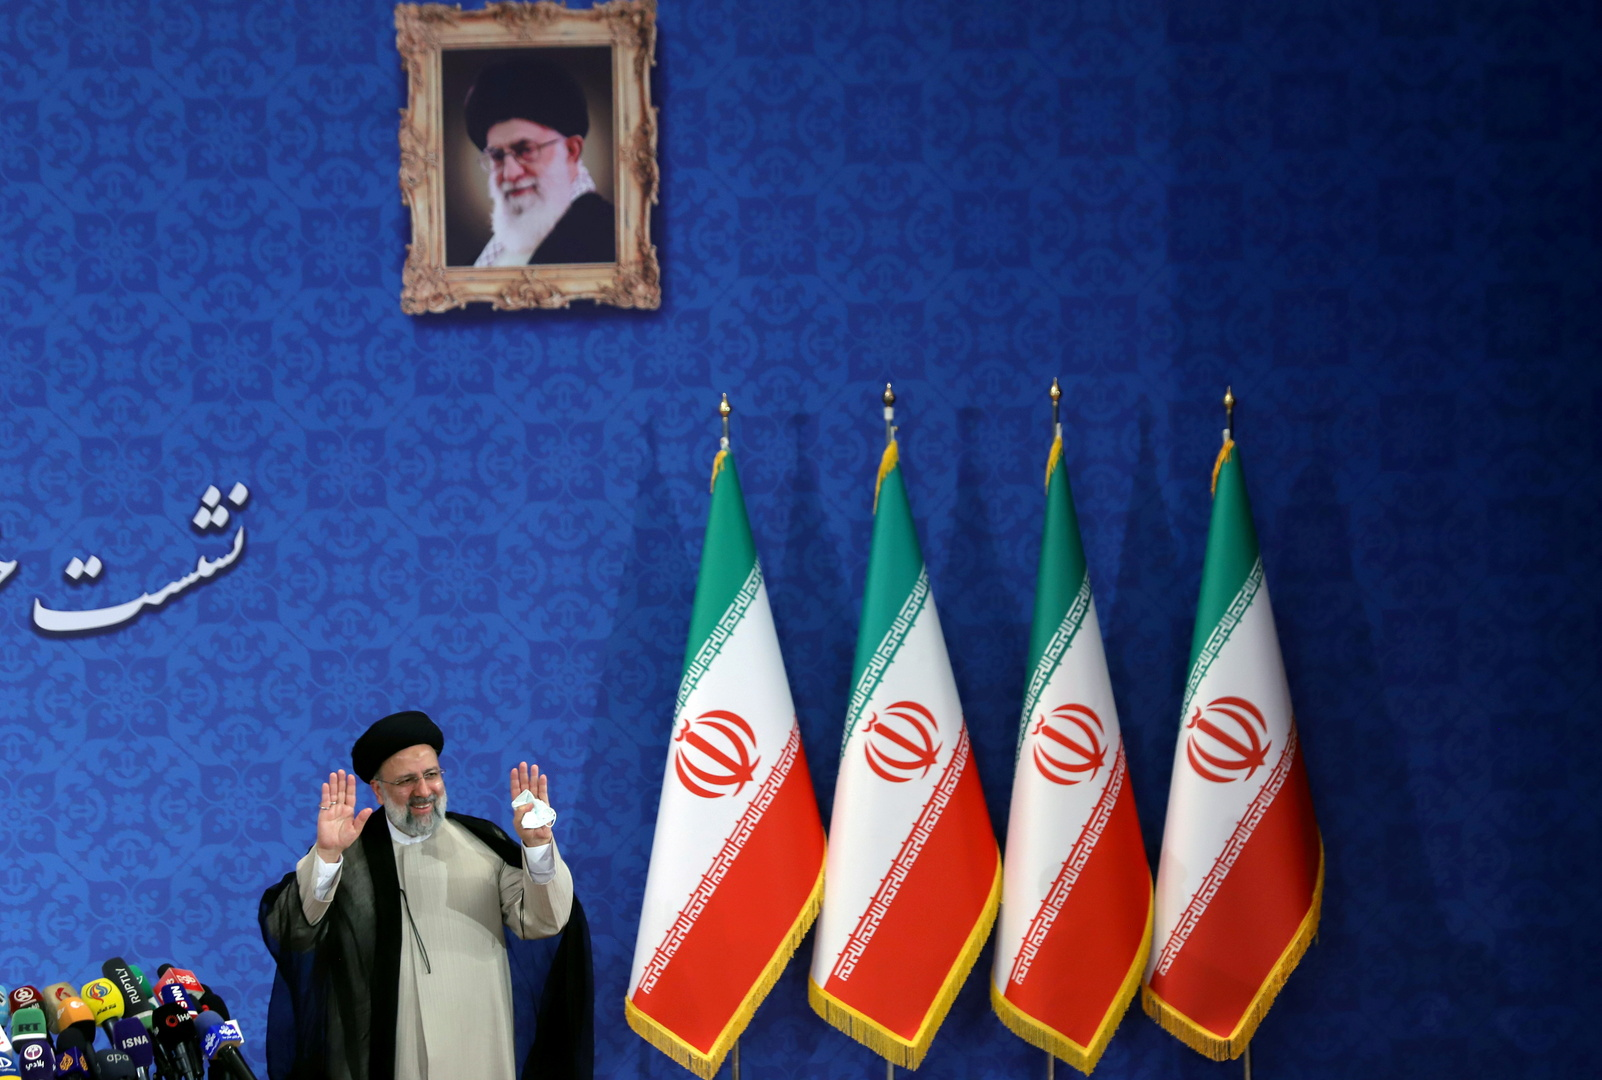 إيران..تحديد موعد أداء رئيسي لليمين الدستورية وأكثر من 70 شخصية أجنبية ستشارك في هذه المراسم